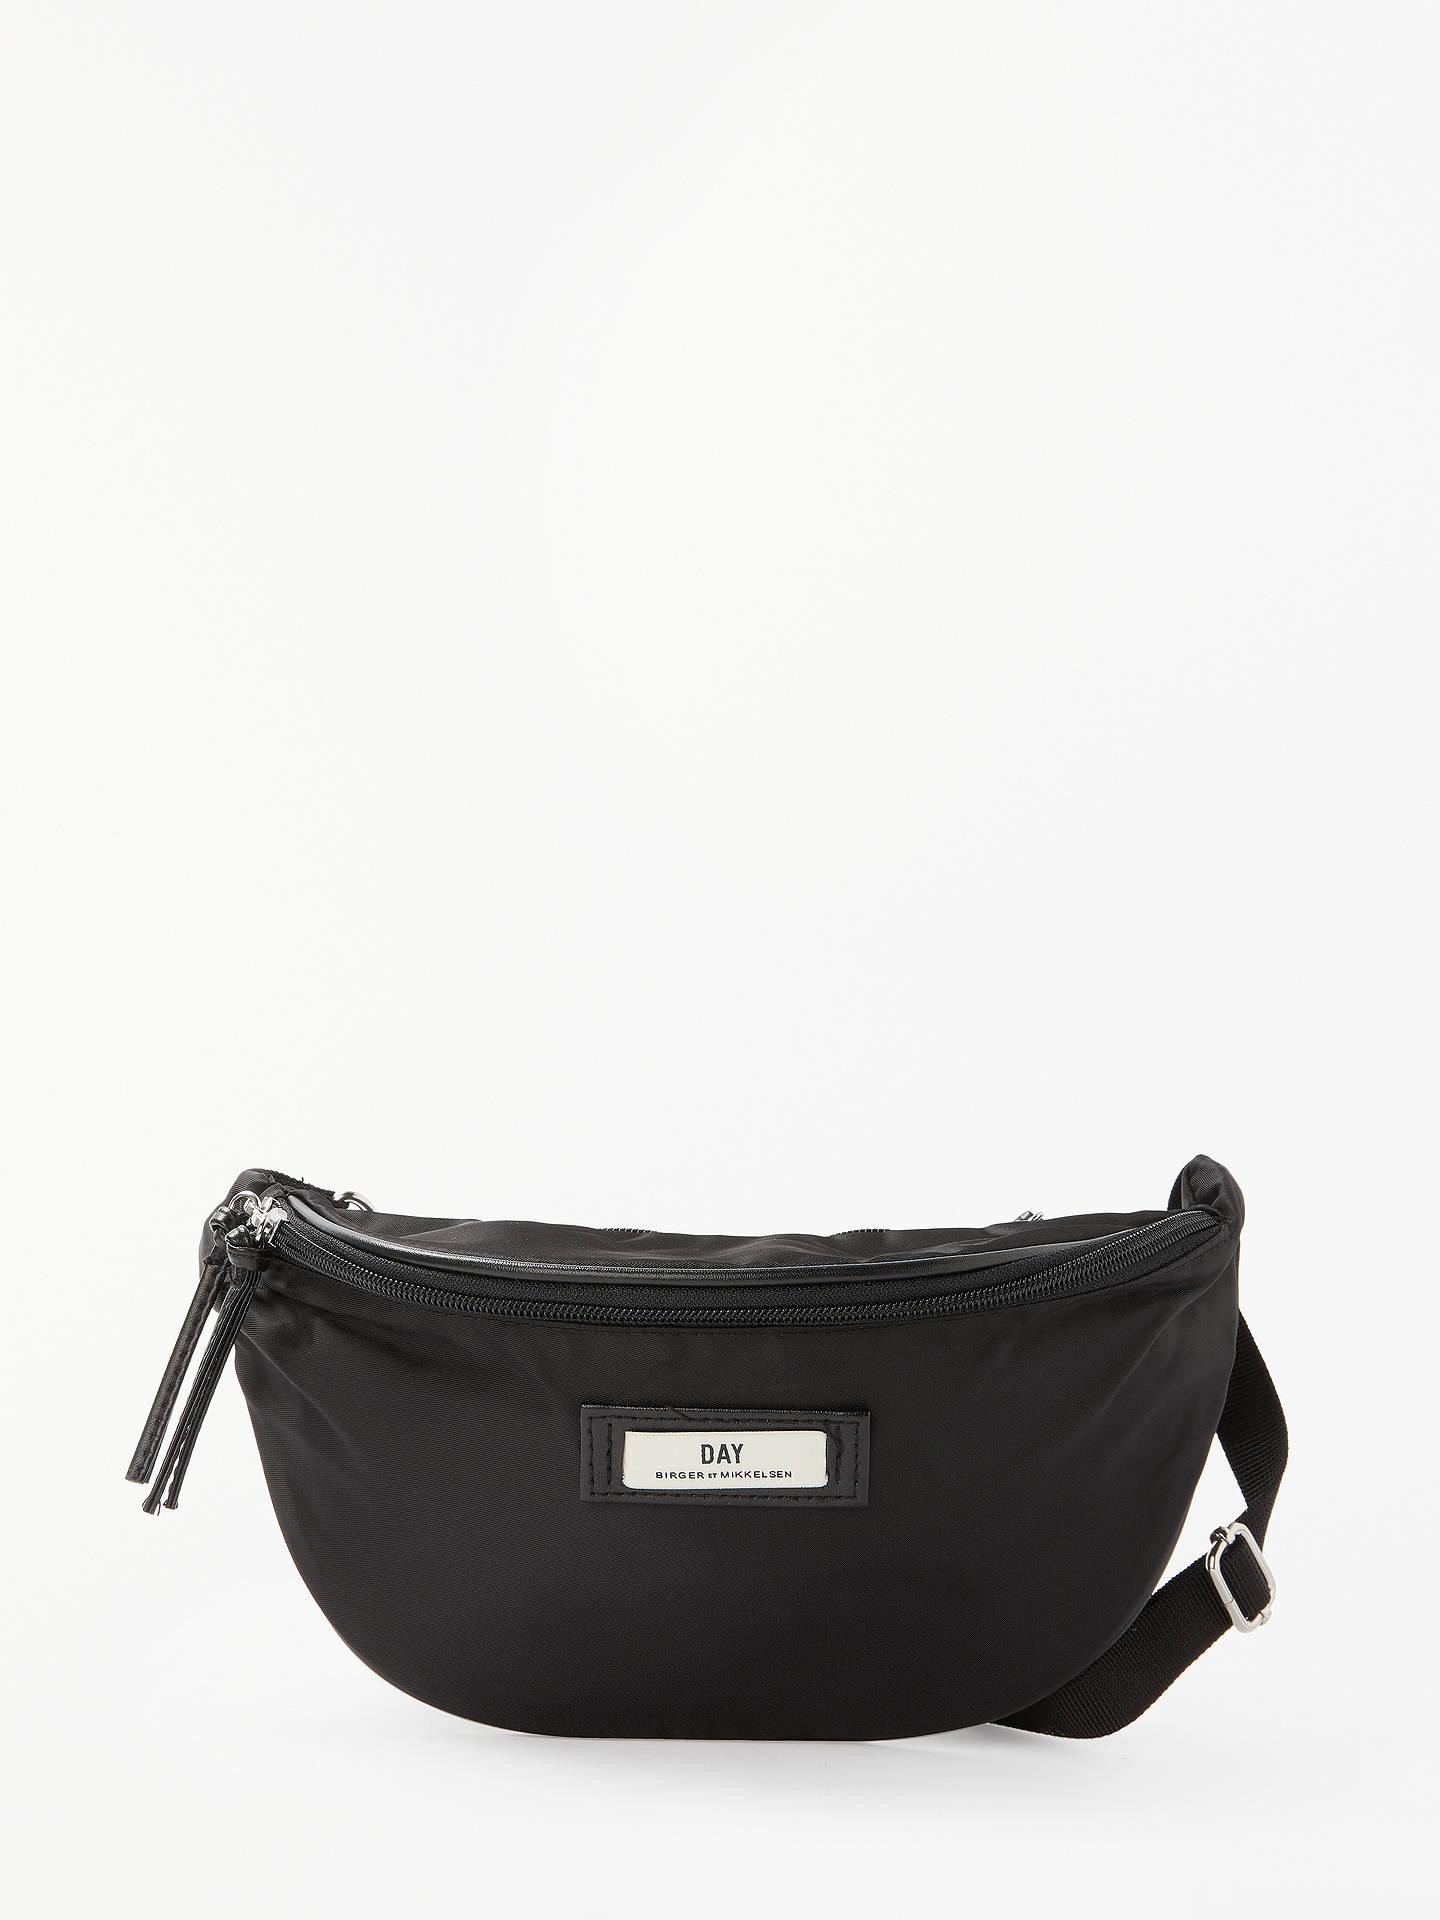 07309ee3 Buy DAY et Gweneth Belt Bag, Black Online at johnlewis.com ...